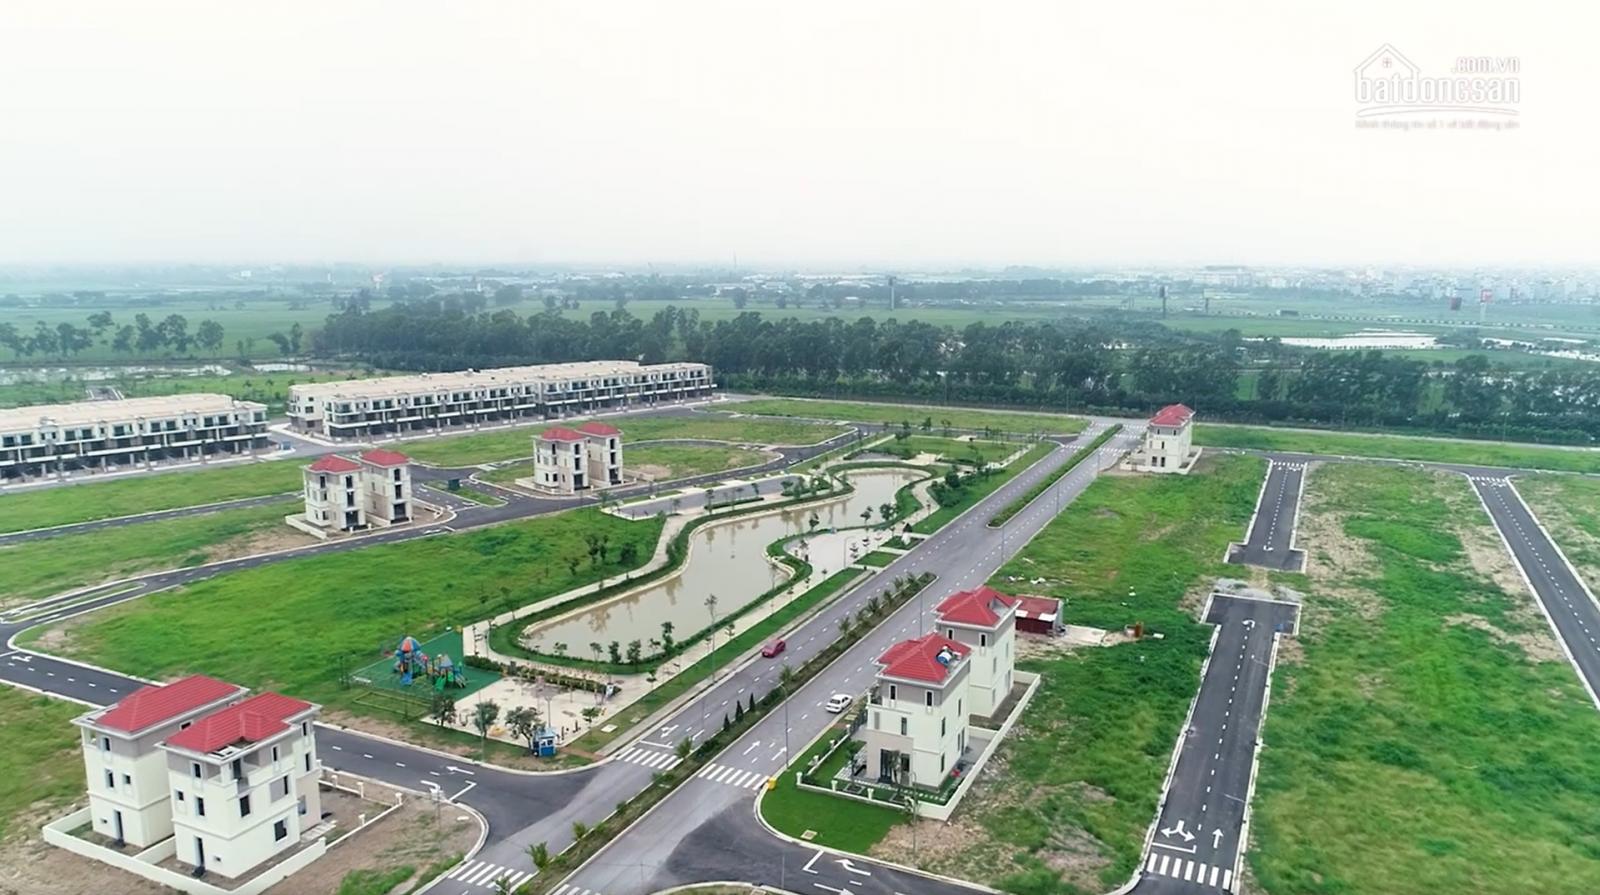 Centa City Bắc Ninh có nhiều không gian để xây dựng và bố trí khu vực nhà ở hài hòa với cảnh quan, tiện ích